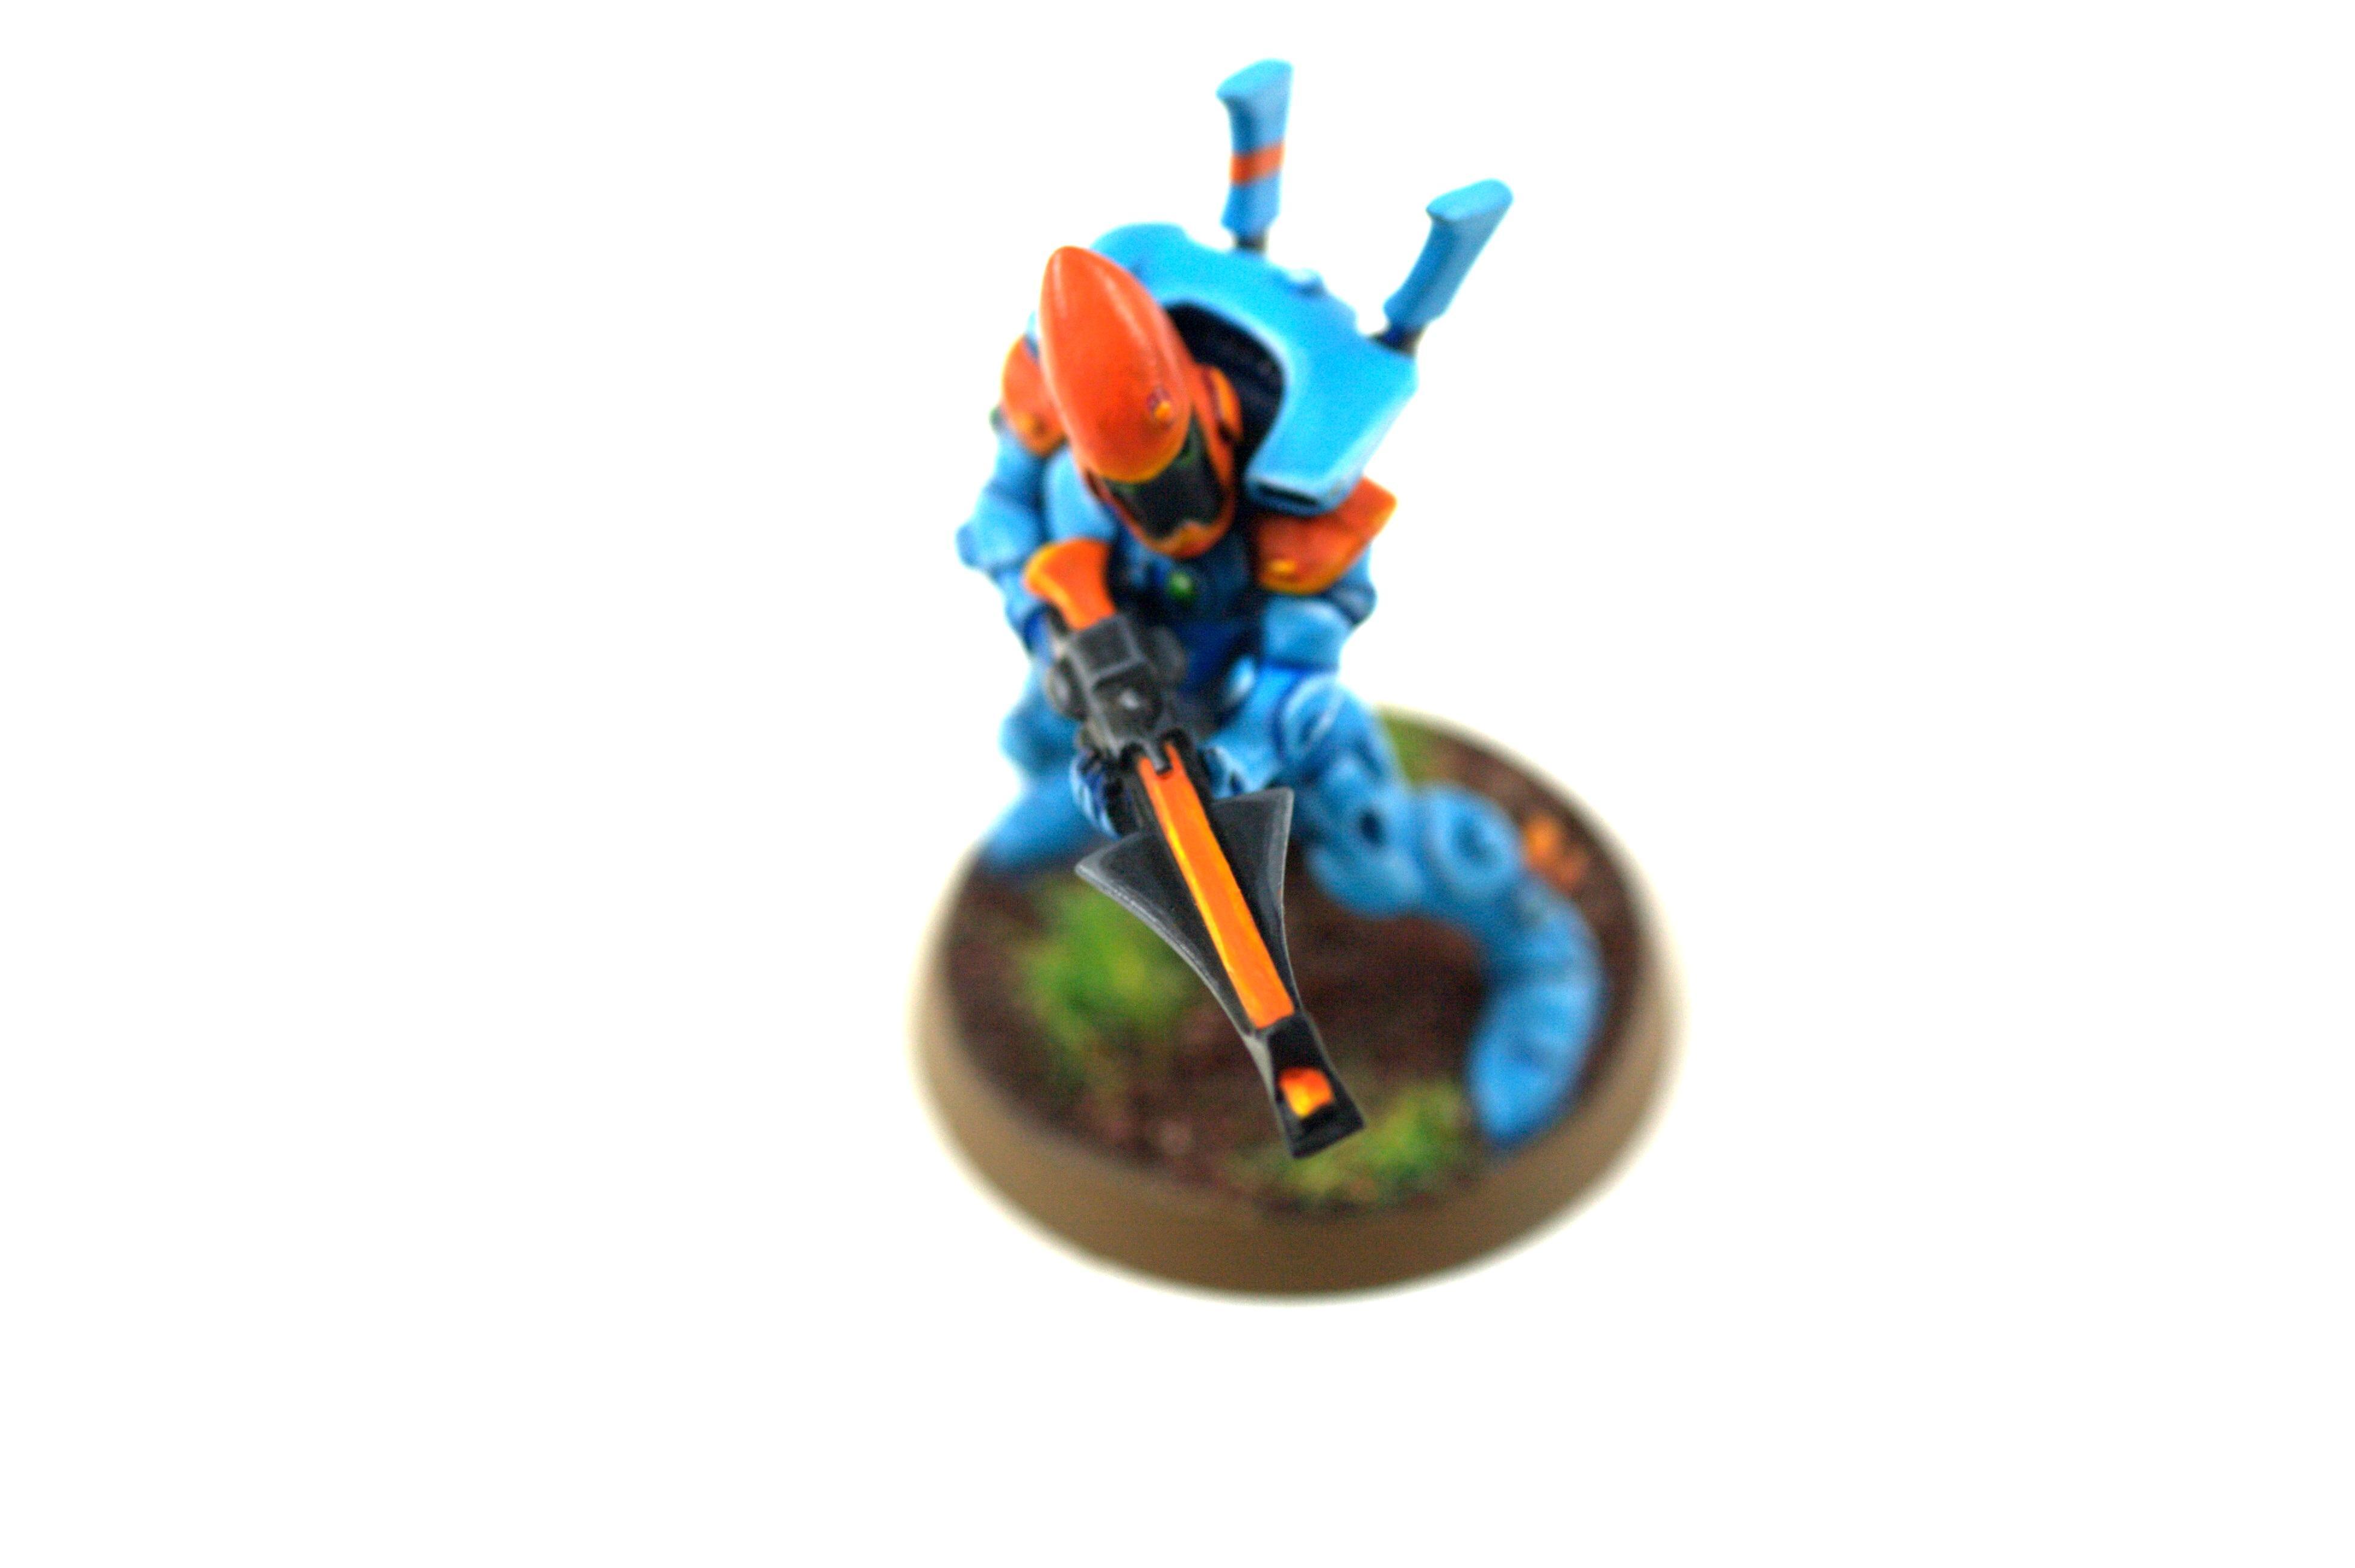 Blending, Blue, Craftworld, Eldar, Gem, Guardians, Orange